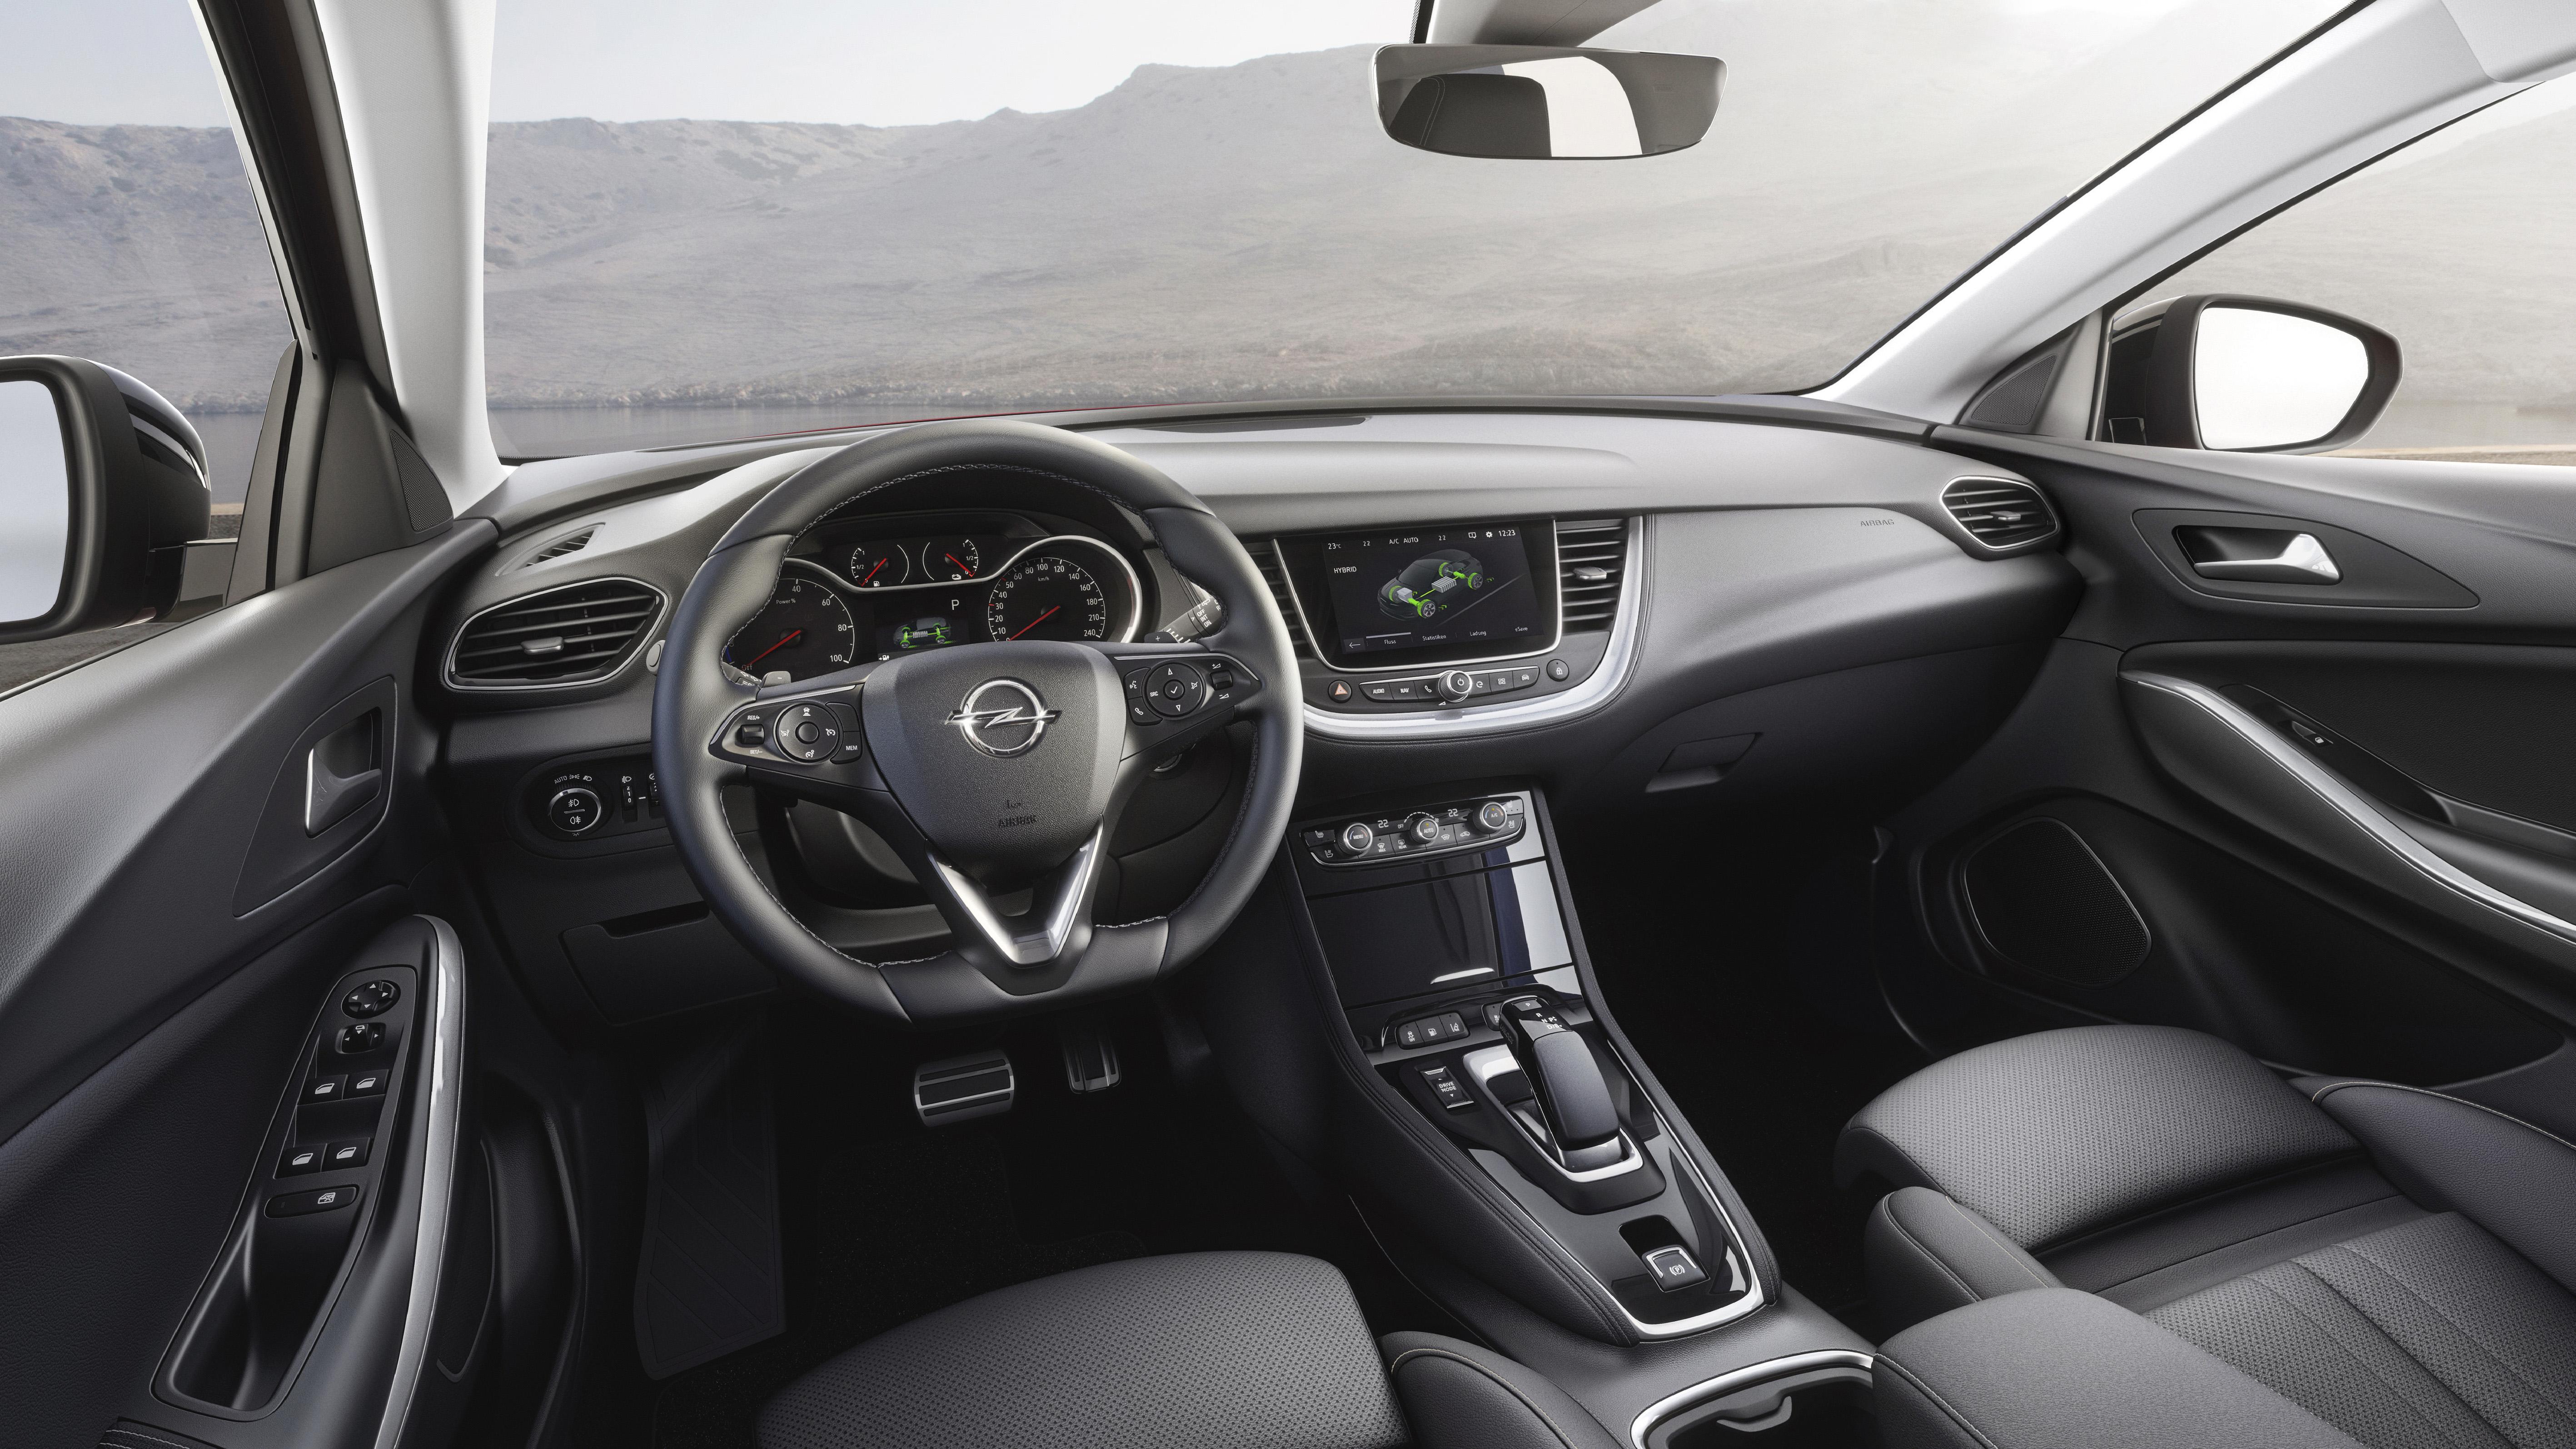 Ομορφο εσωτερικό για το Grandland X Hybrid4